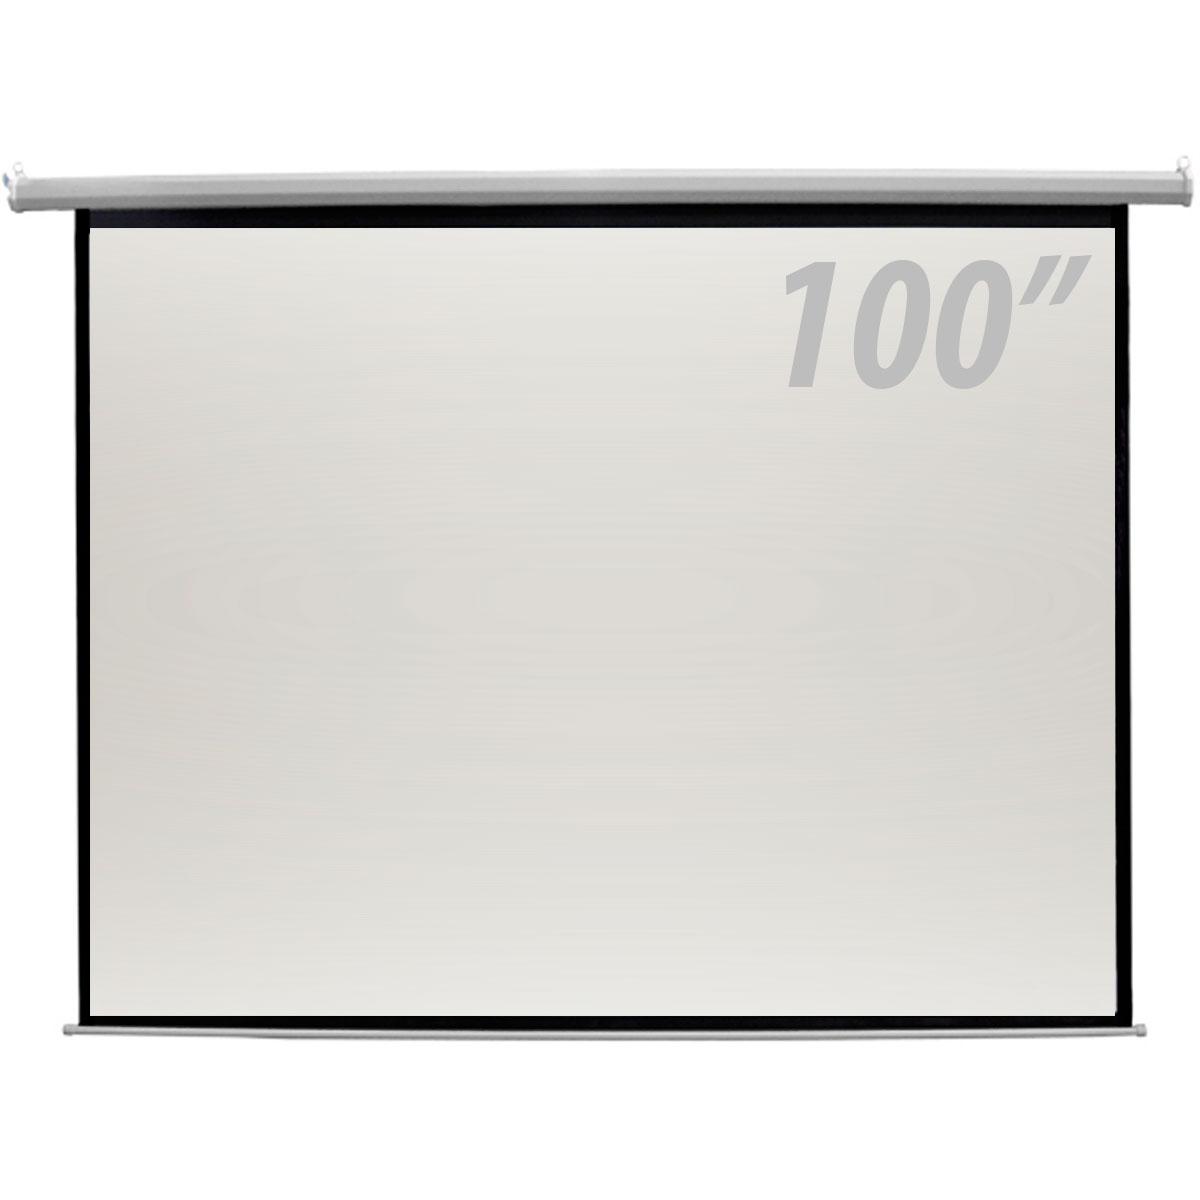 100 - Tela de Proje��o 100 Polegadas Retr�til - CSR